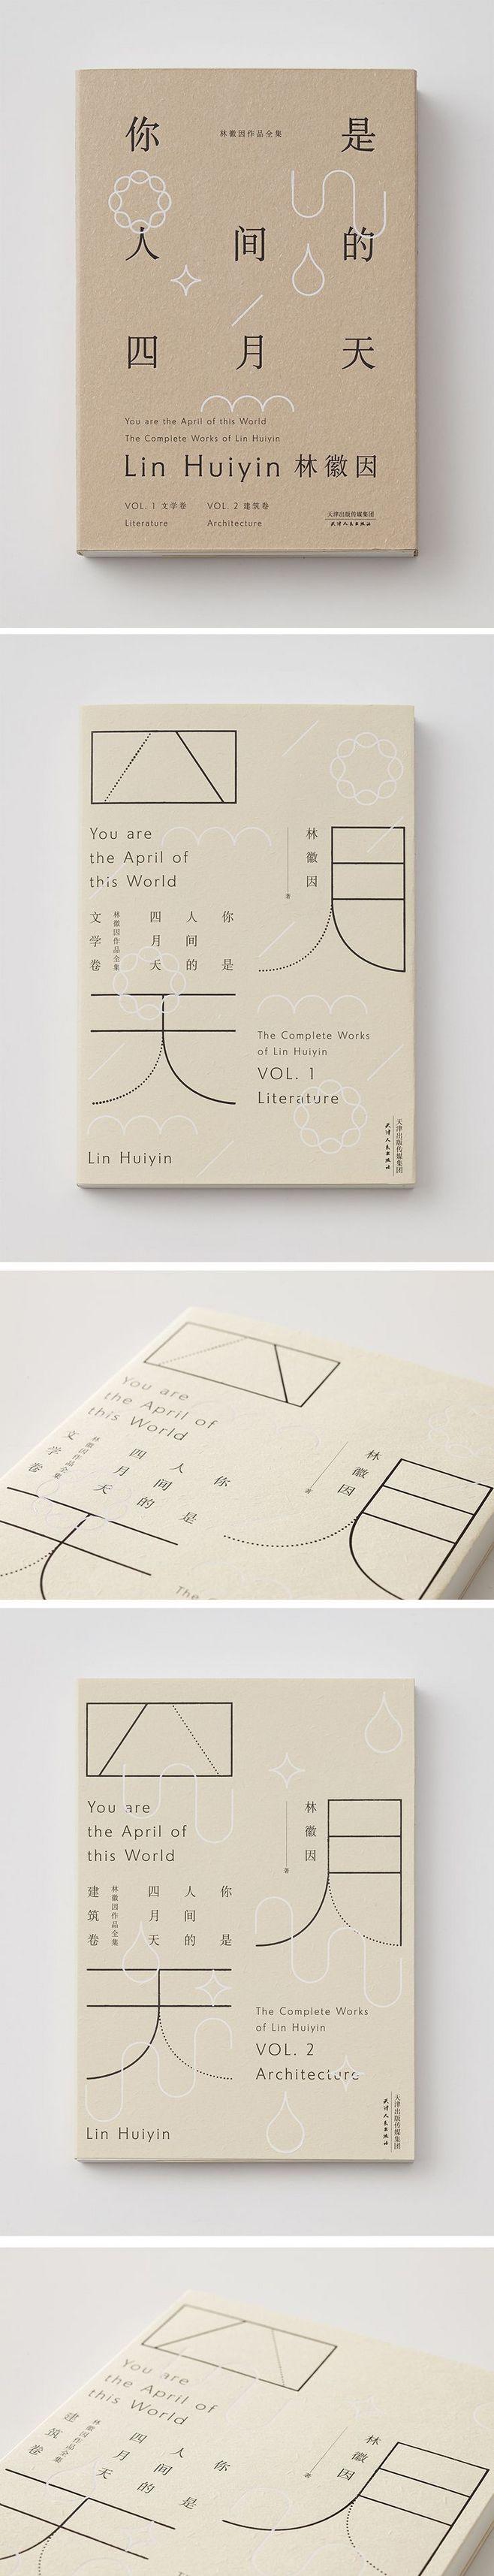 王志弘书籍装帧设计作品 Book Cover Design | Love the subtle textural and color differences of the black & white type/imagery on the kraft paper.